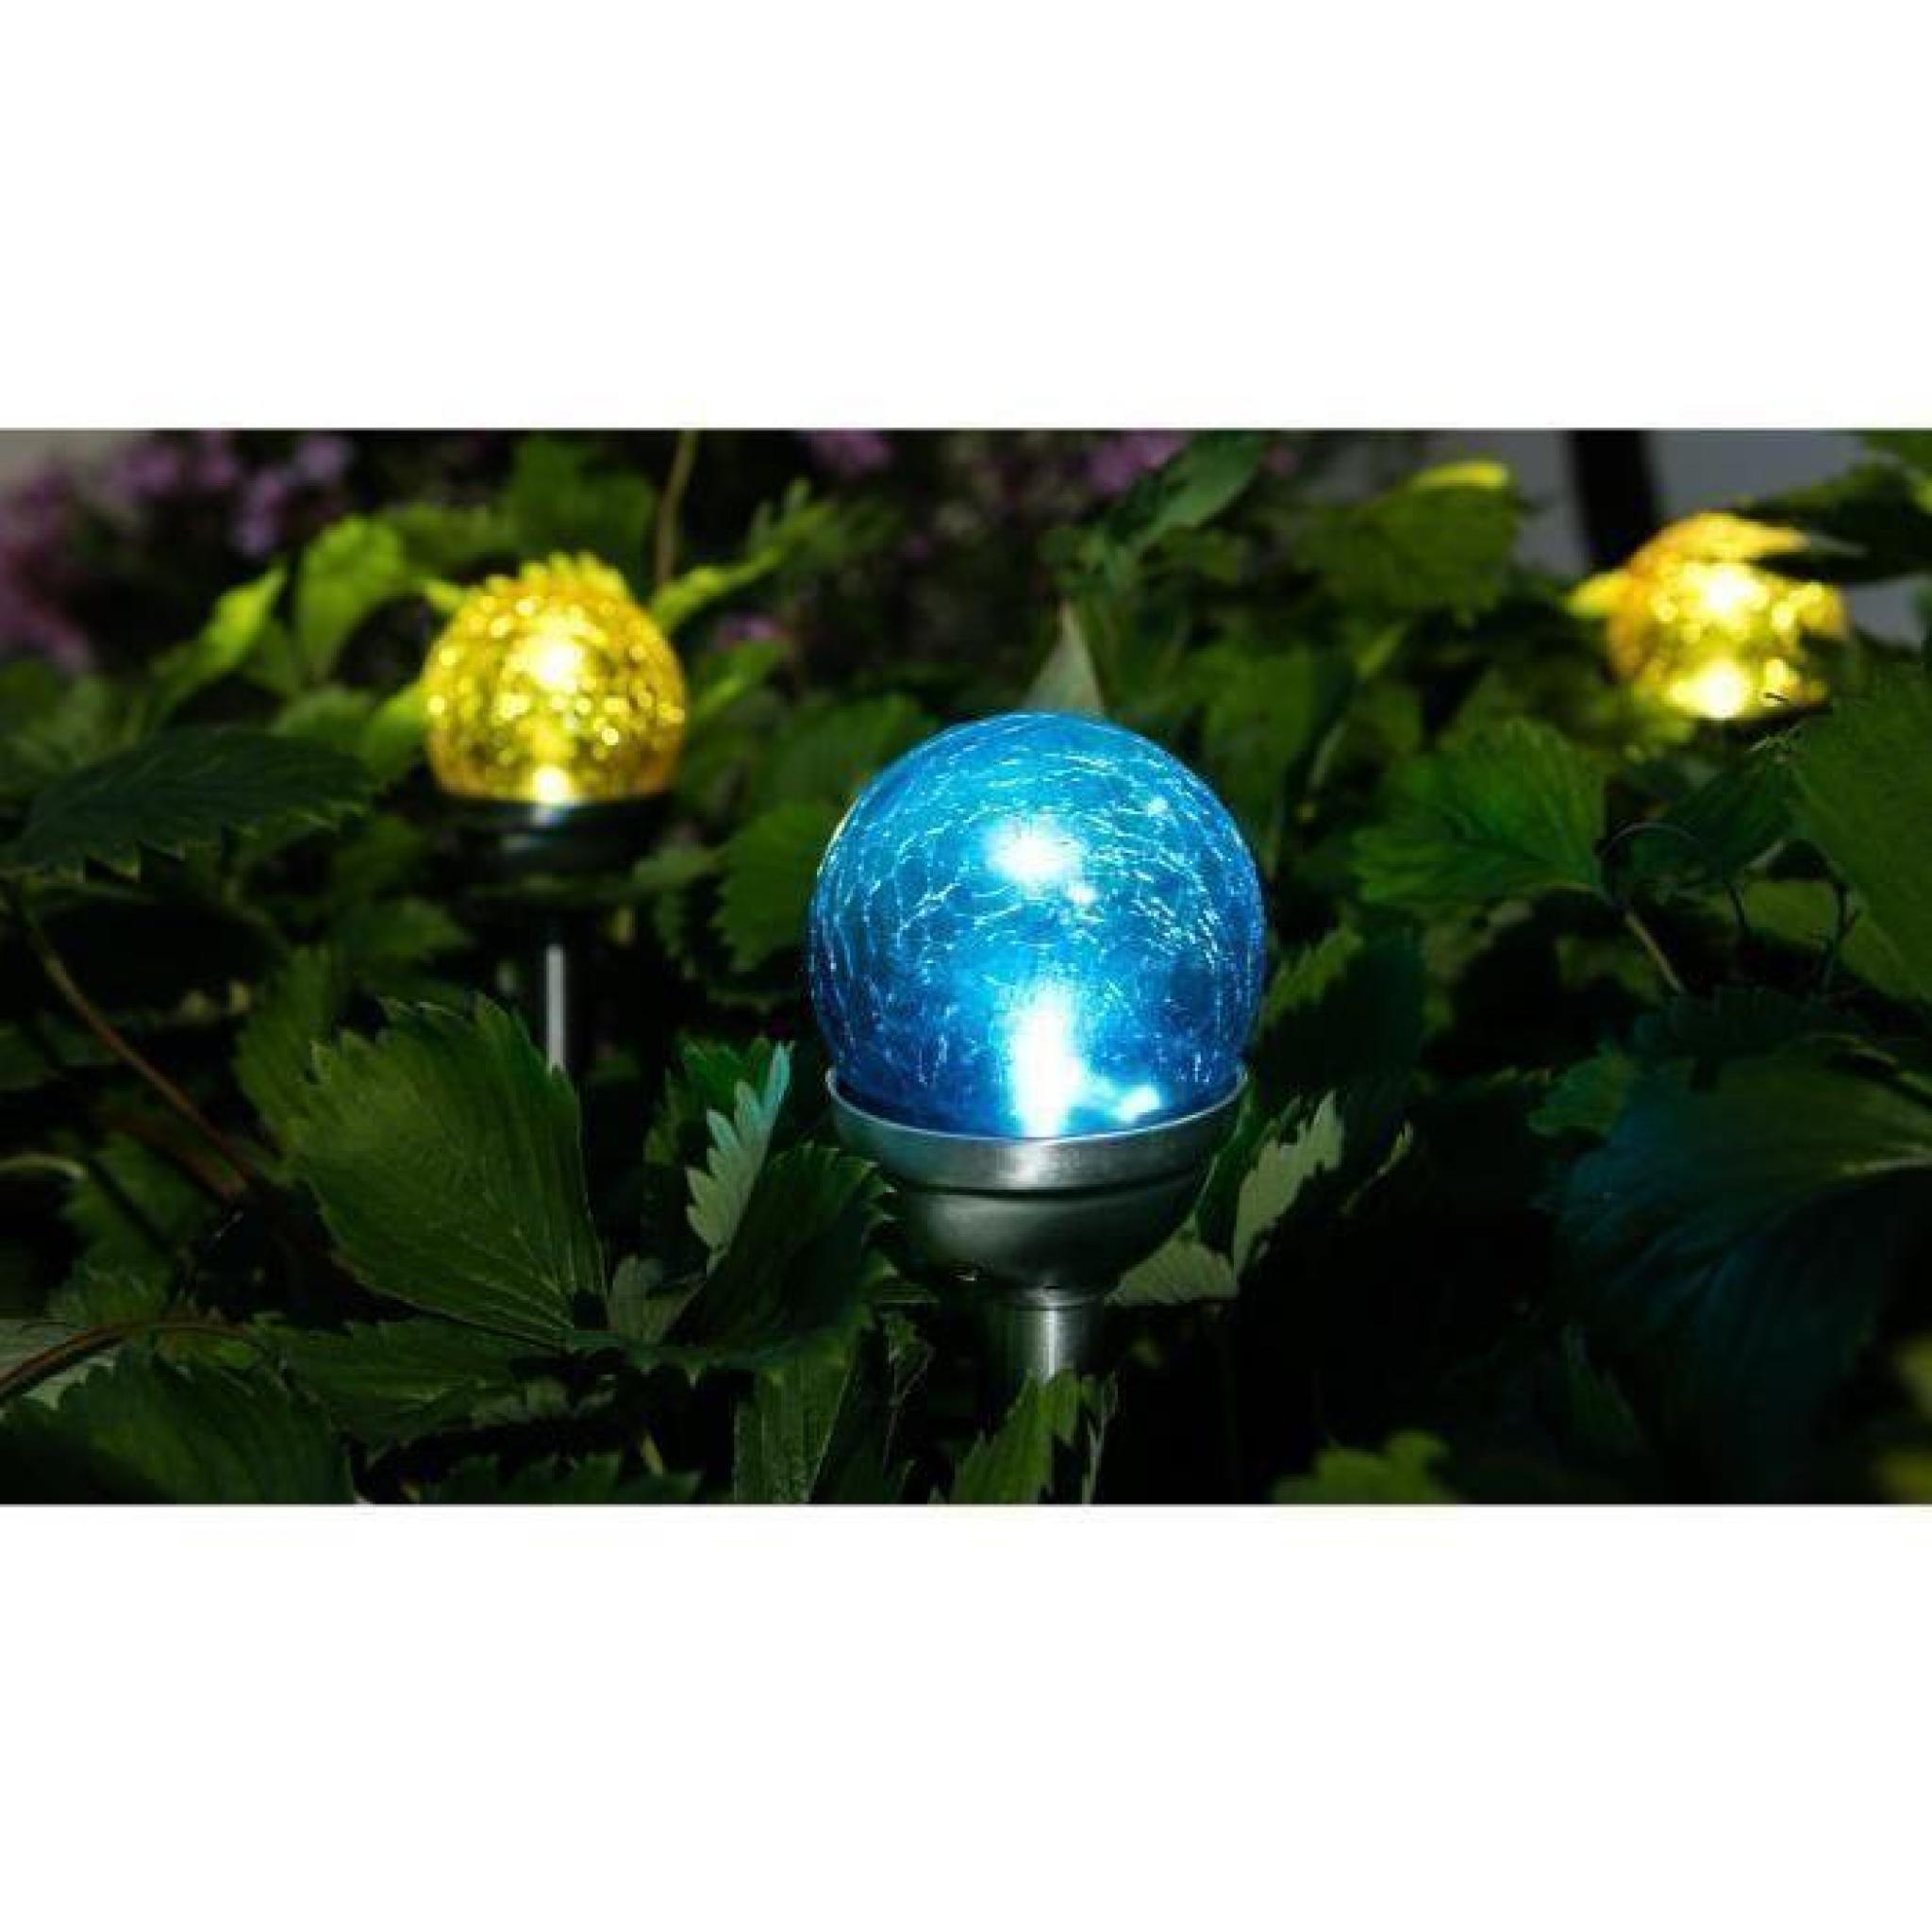 GALIX Lanterne solaire en inox - Jaune - Achat/Vente lampe solaire ...